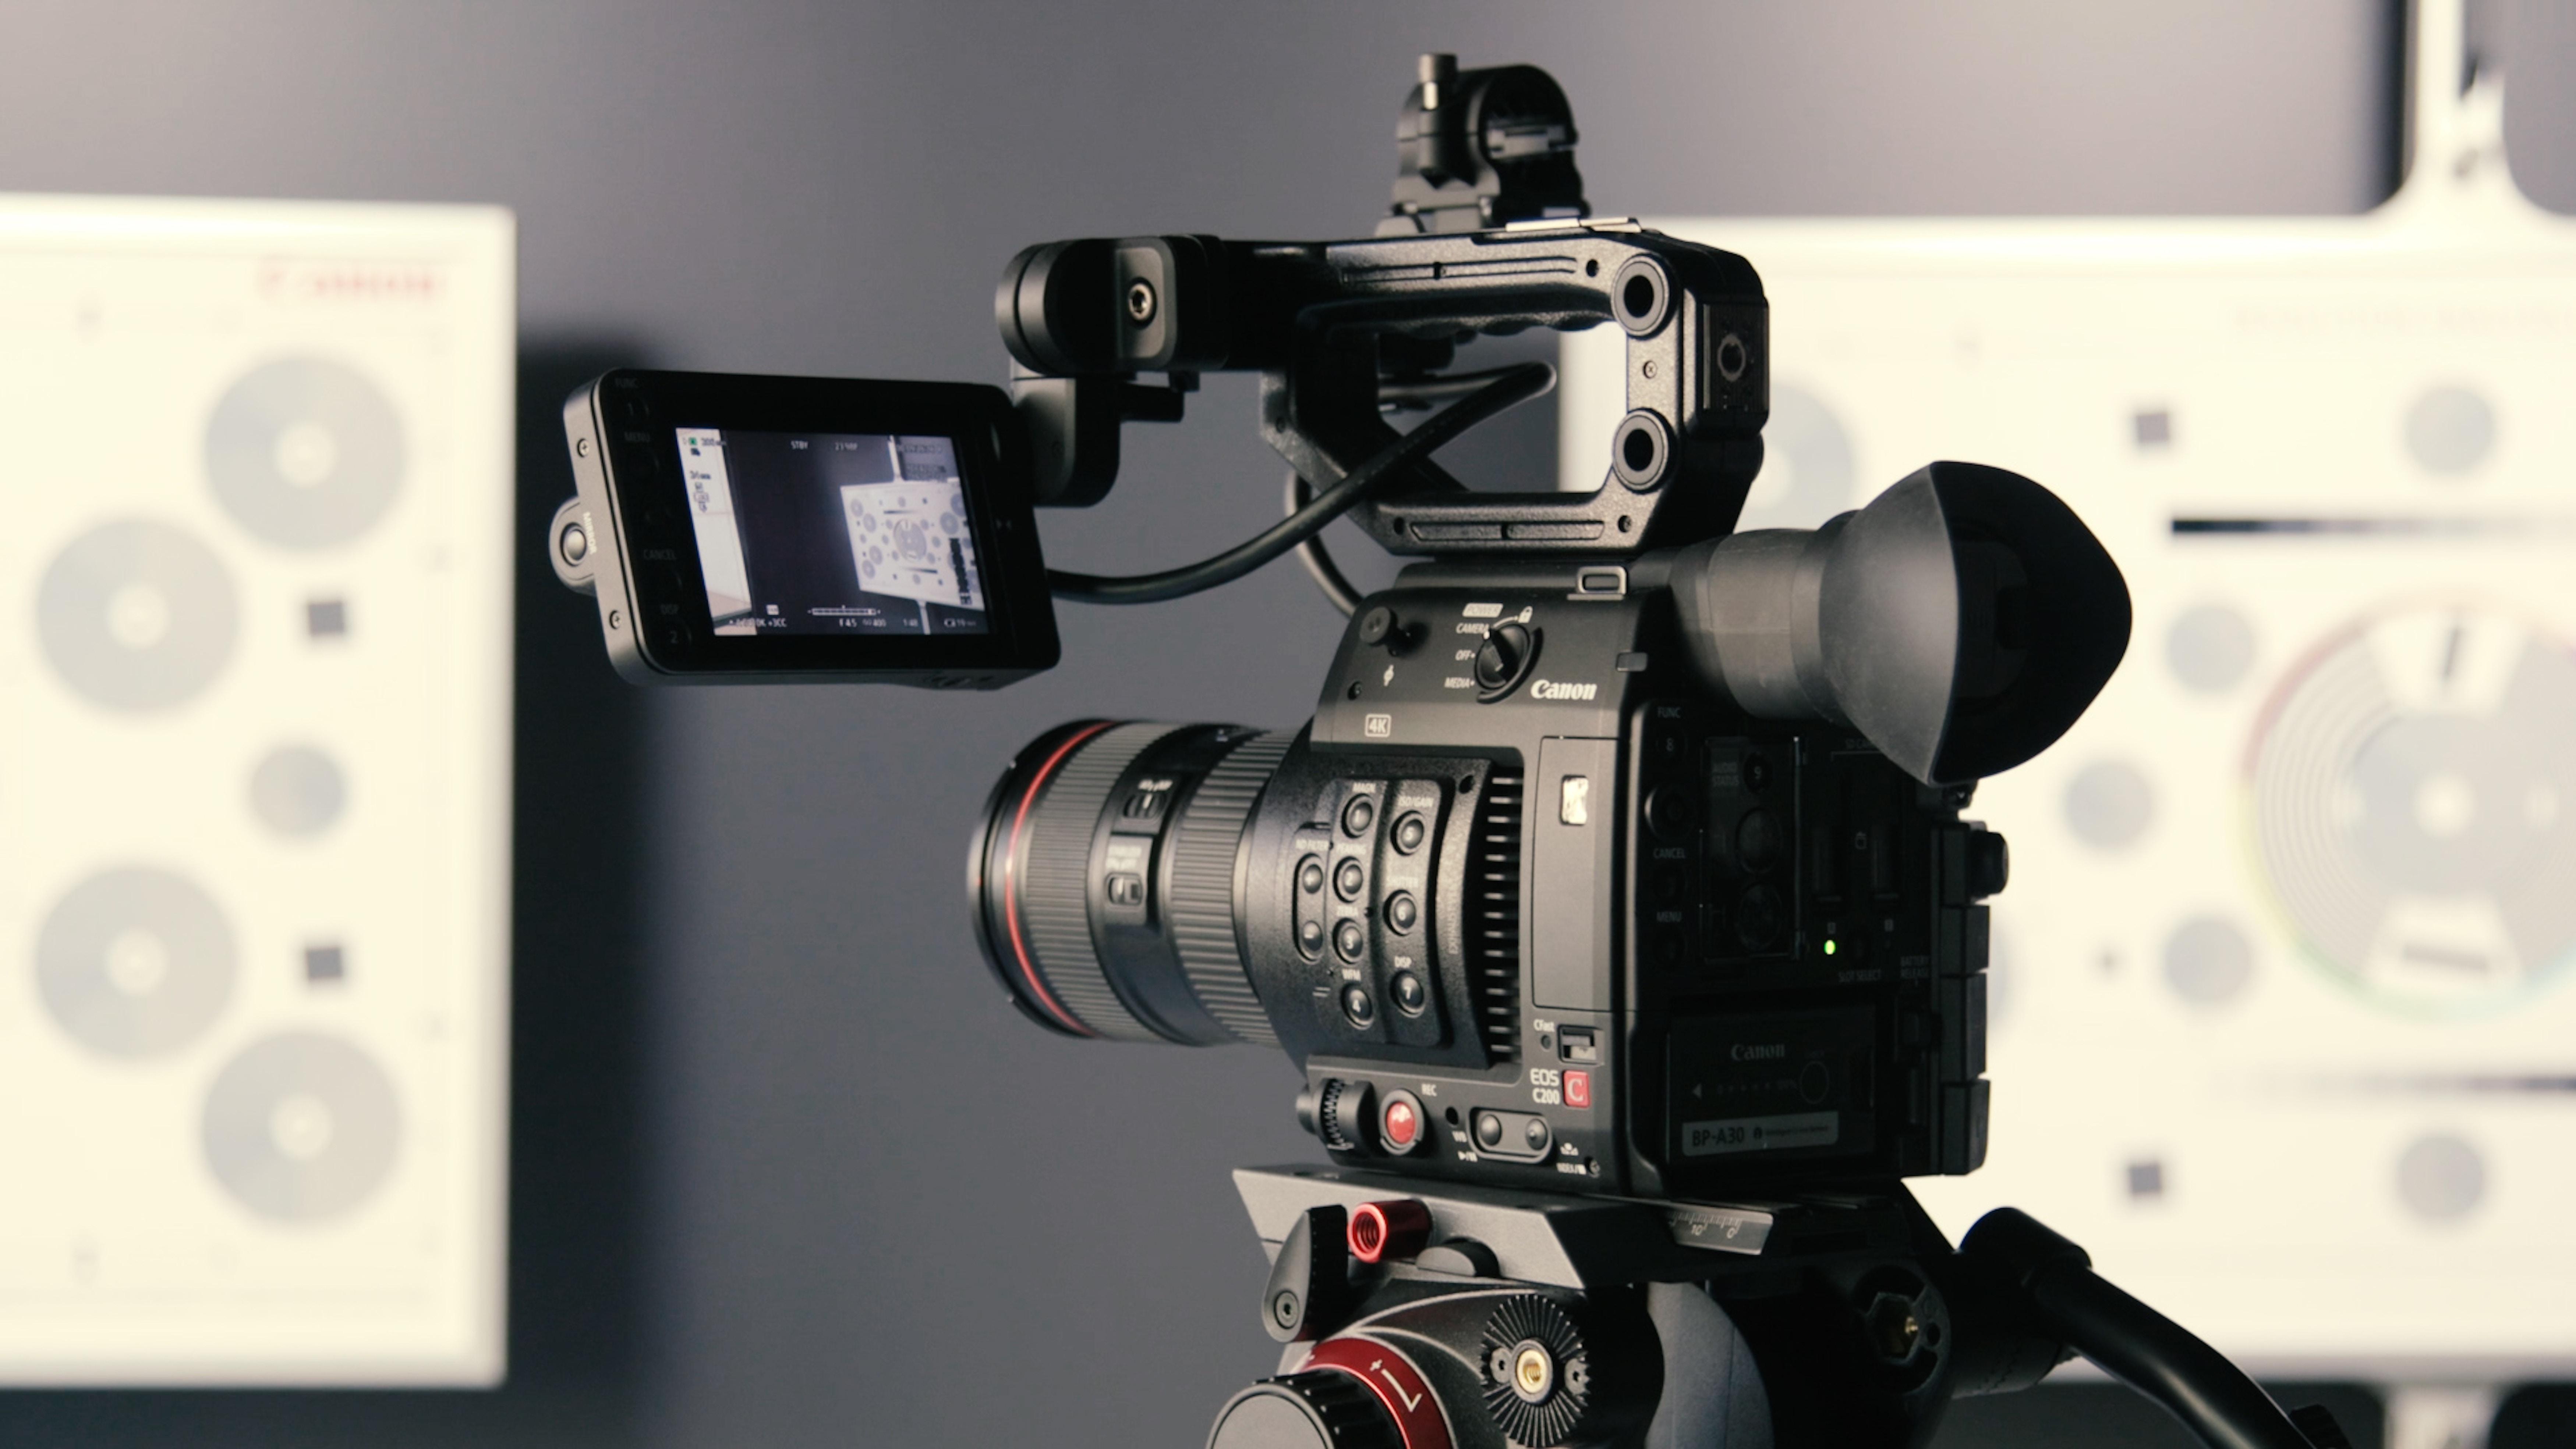 Videos for Businesses||Fiverr gig explainer video||fiverr video explainer gig||video explainer gig||||||